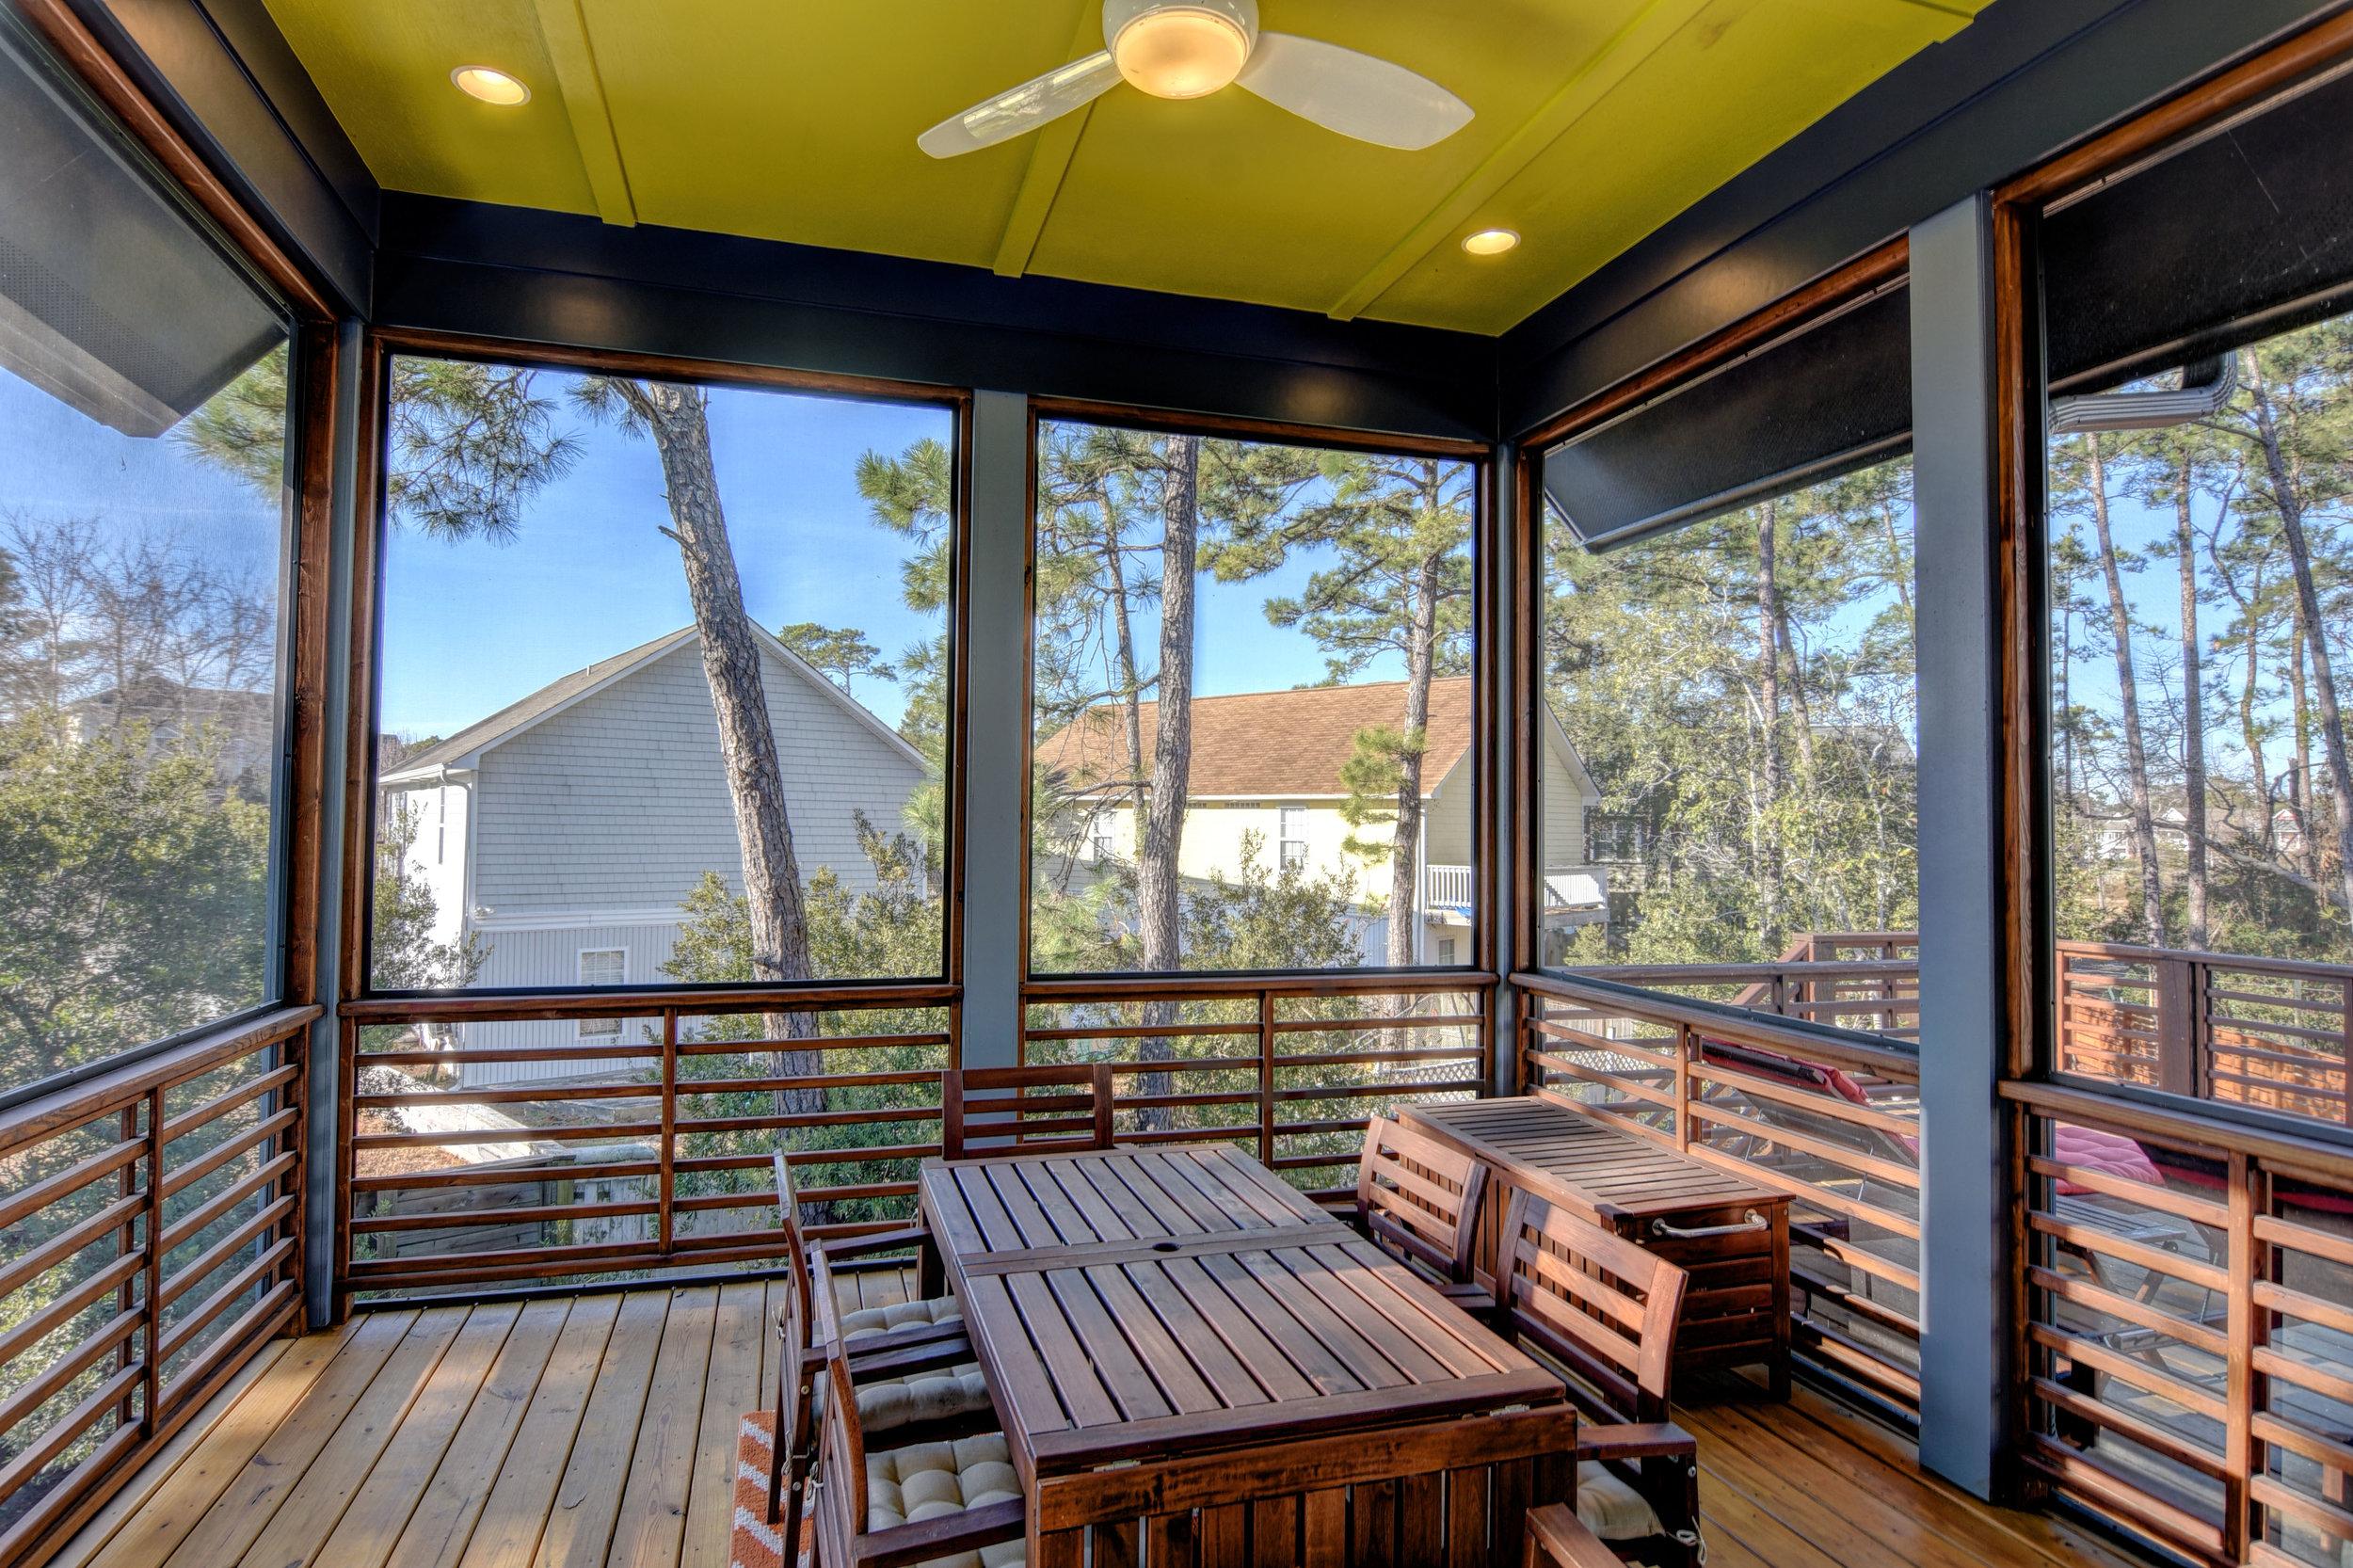 1031 Bennet Ln Carolina Beach-print-038-45-DSC 7239 40 41-4200x2800-300dpi.jpg